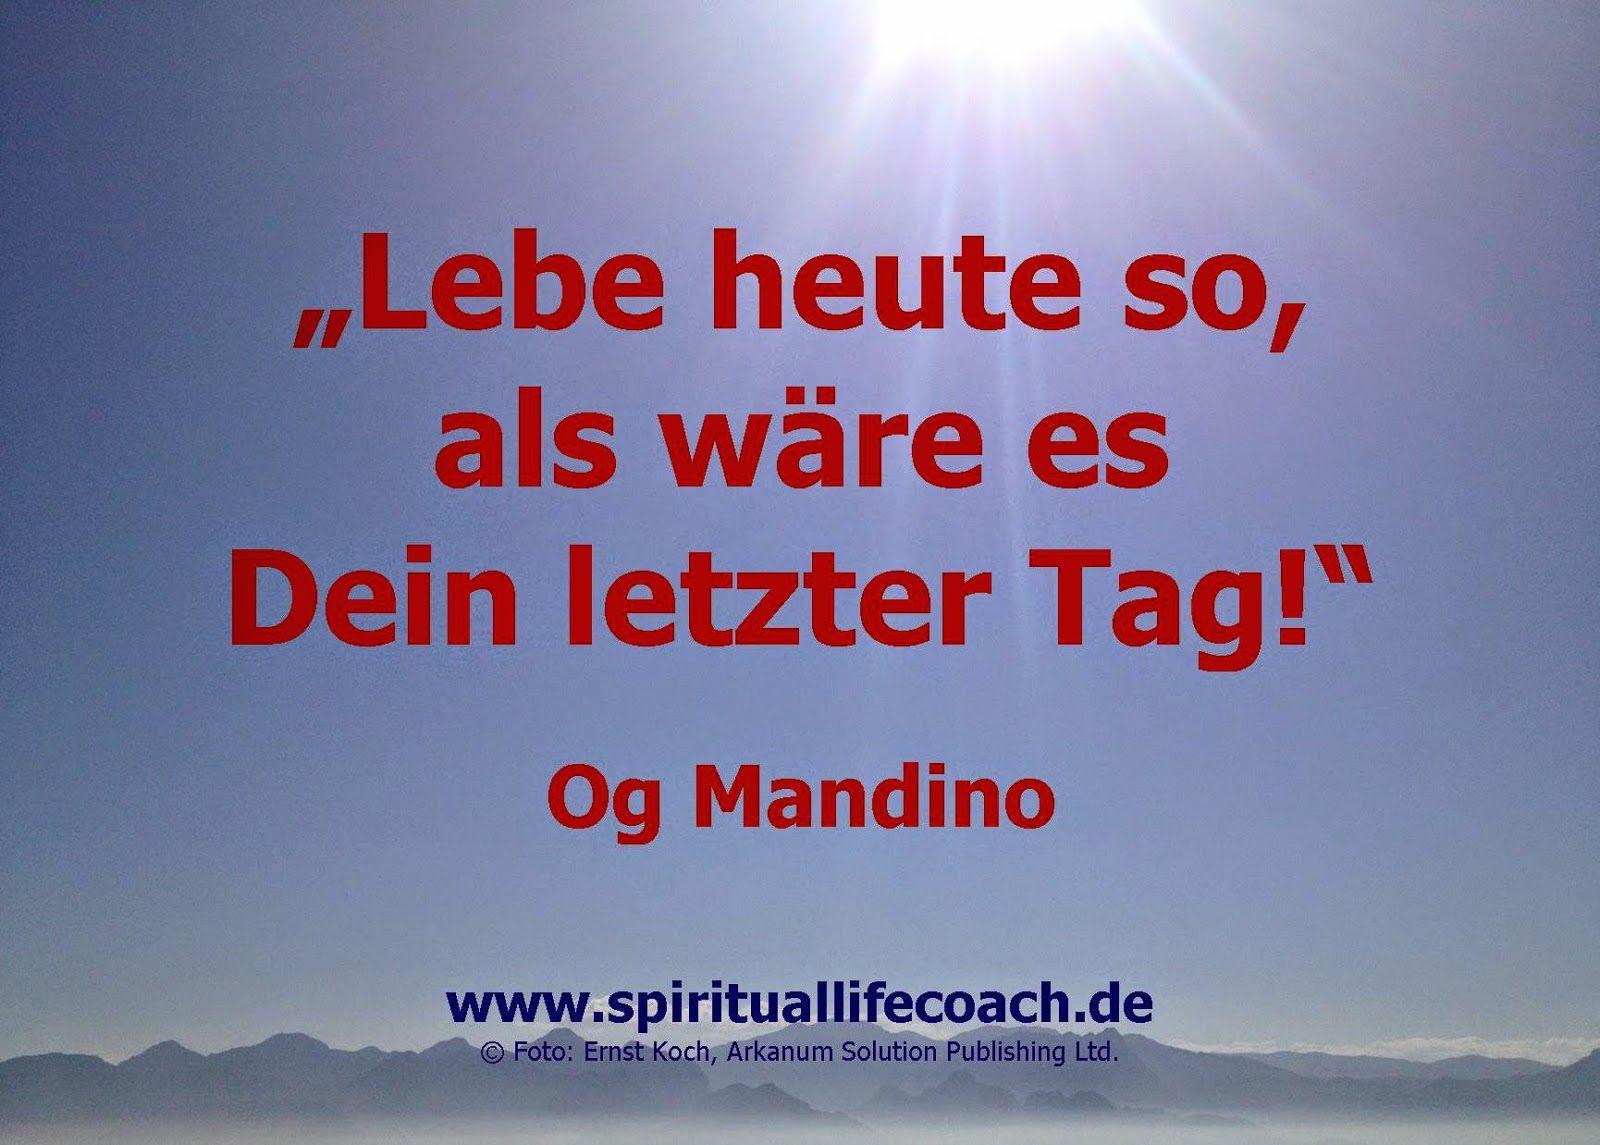 Lifecoach Ernst Koch Spiritual Healer Teacher Lebe Heute So